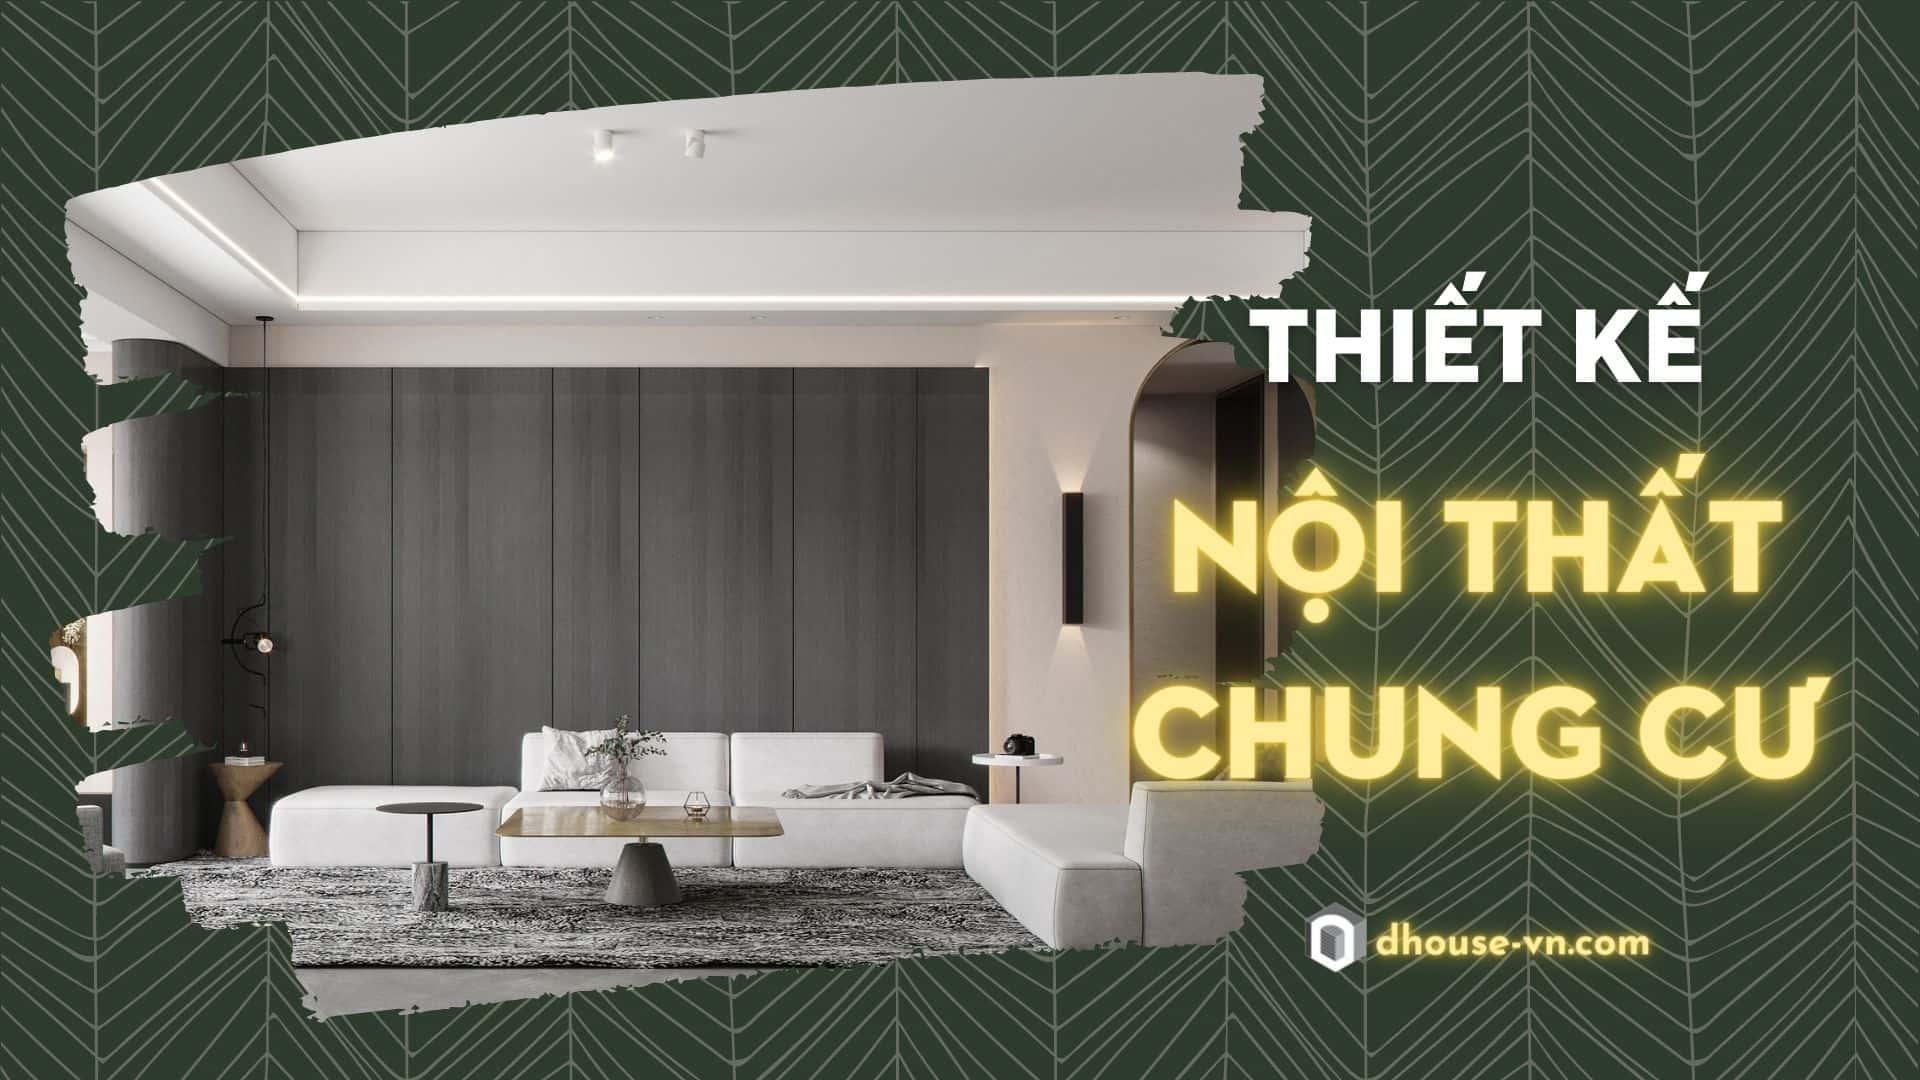 thiết kế nội thất chung cư | dhouse-vn.com